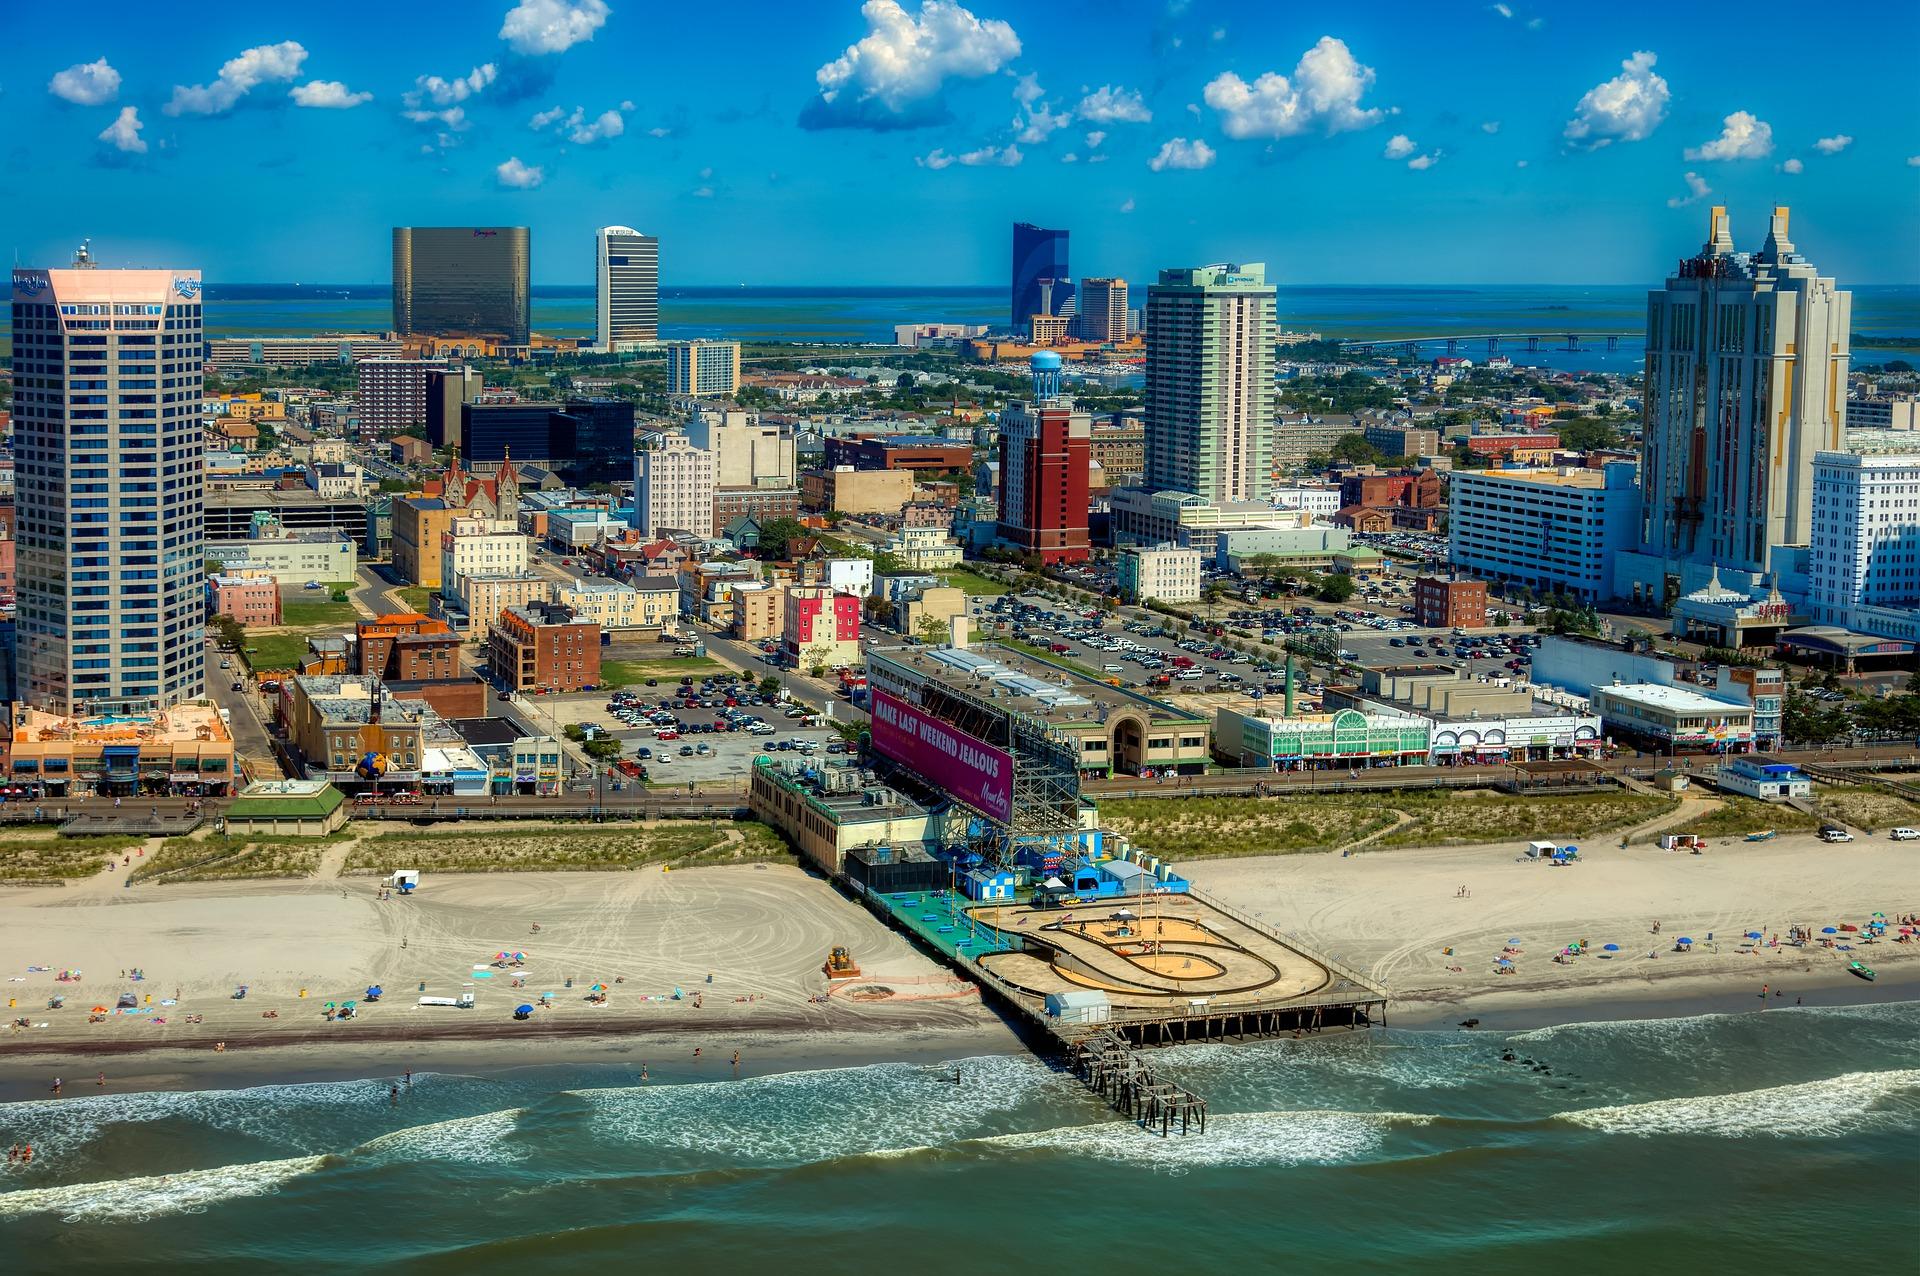 Atlantic City - The Skyscraper Center